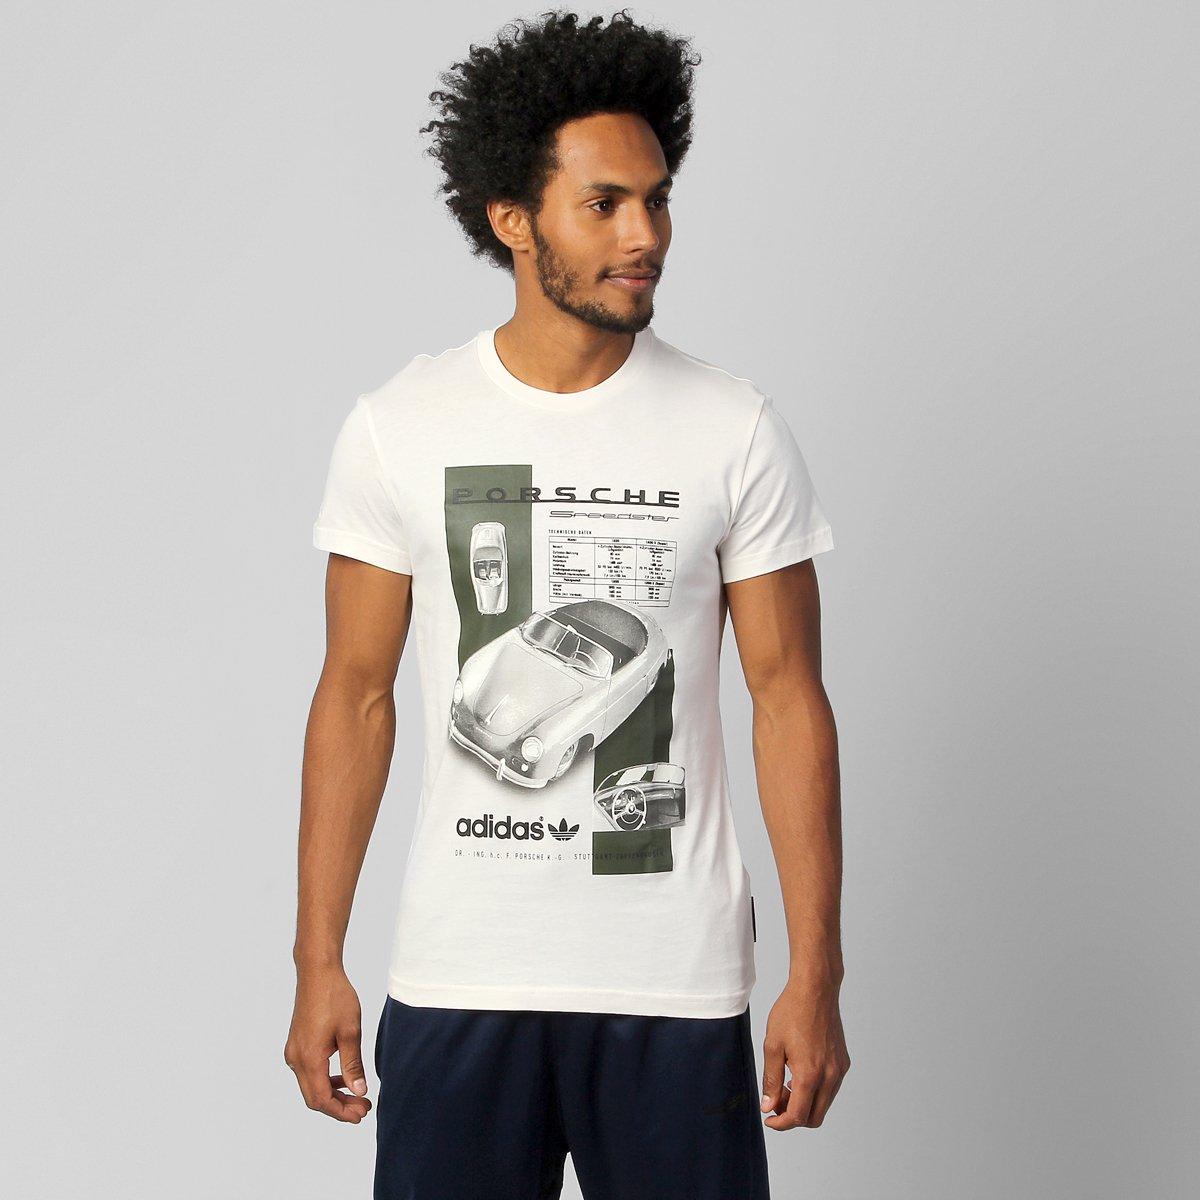 camiseta adidas porsche